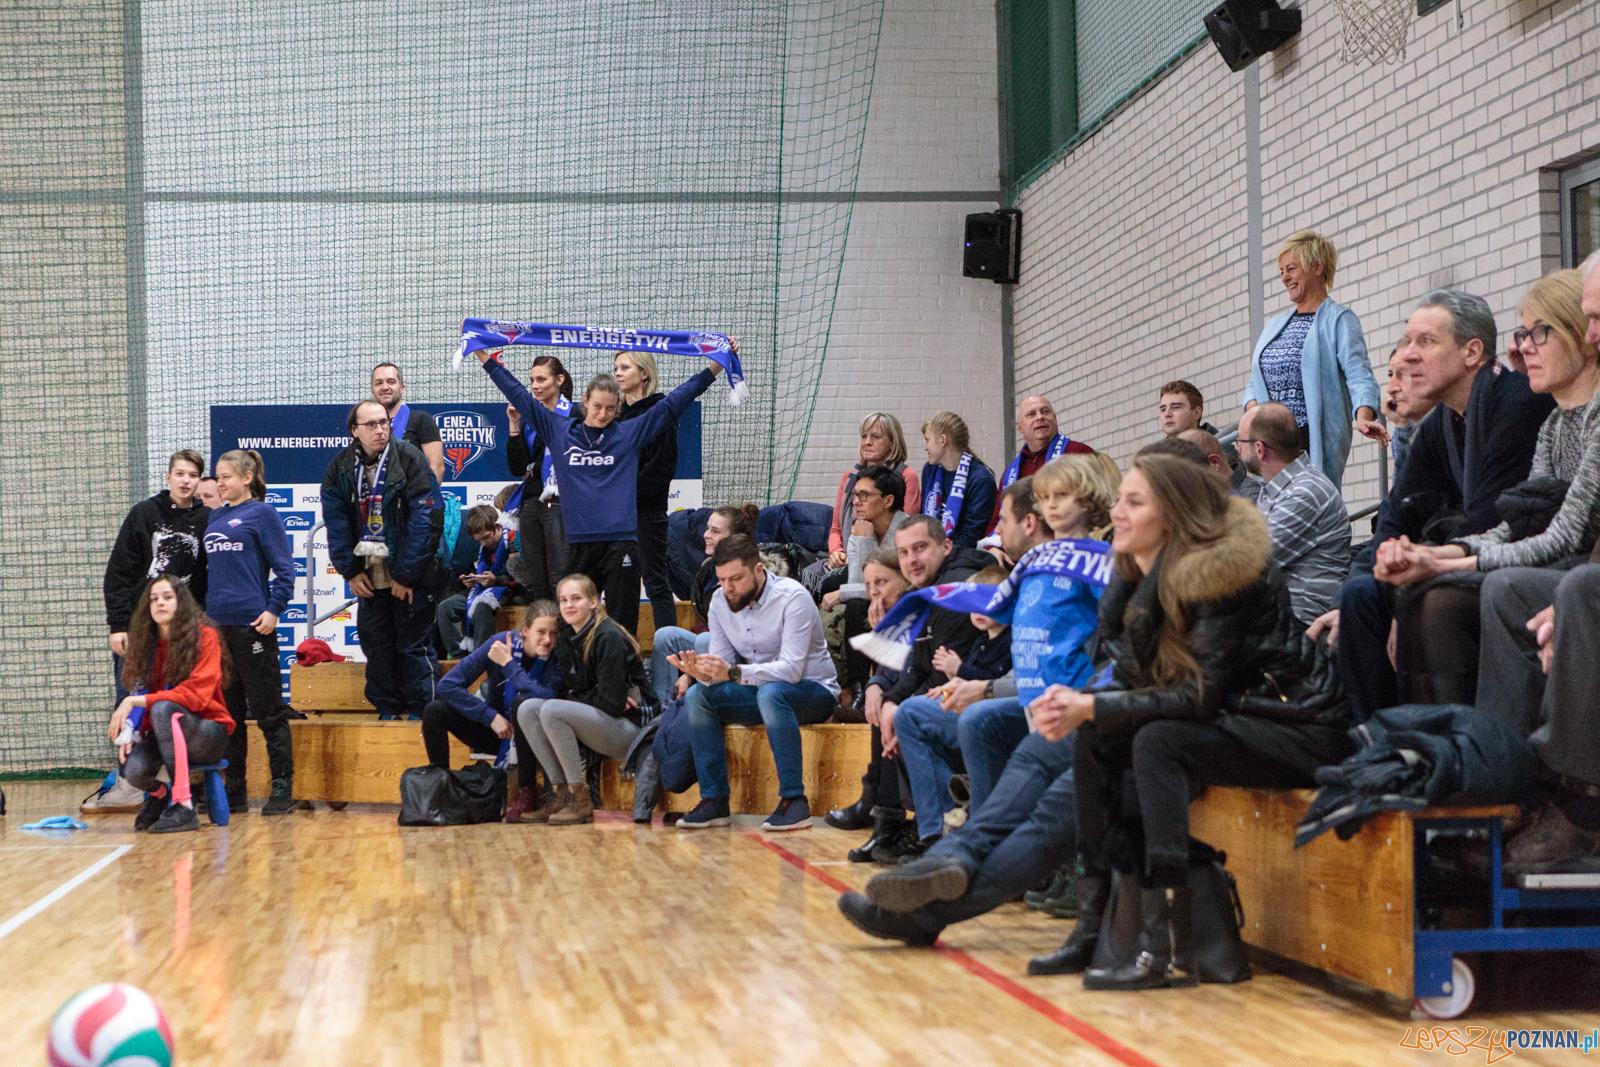 Enea Energetyk Poznań – SMS PZPS Szczyrk 3:1 - Poznań 11.02.  Foto: LepszyPOZNAN.pl / Paweł Rychter